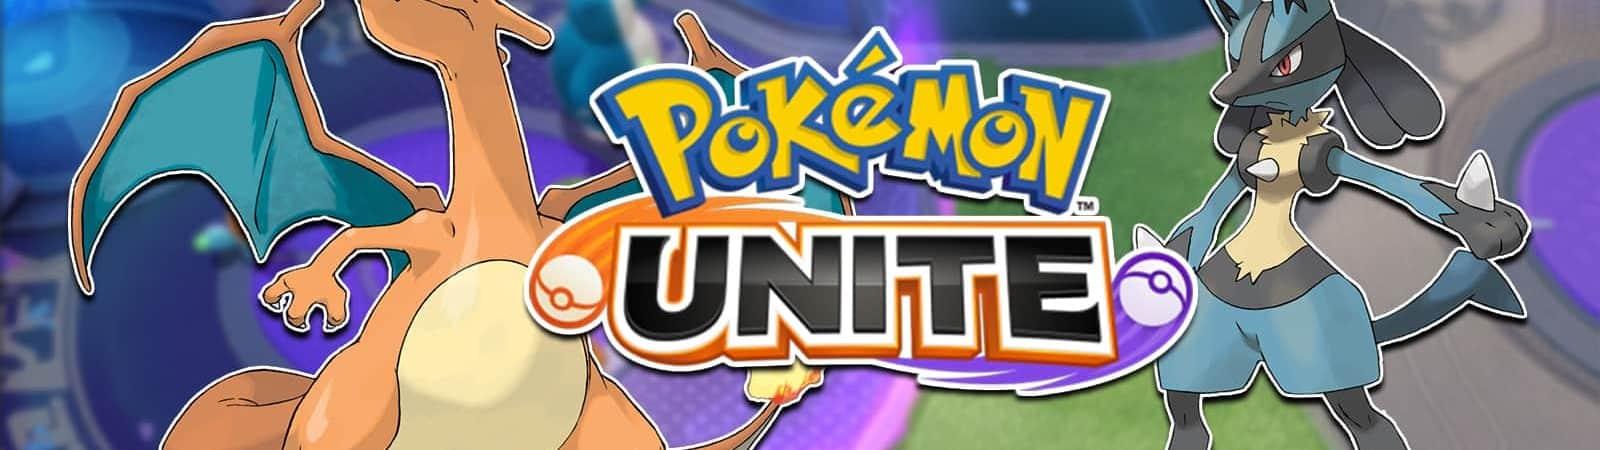 Pokémon Unite (Imagem: divulgação/The Pokémon Company)